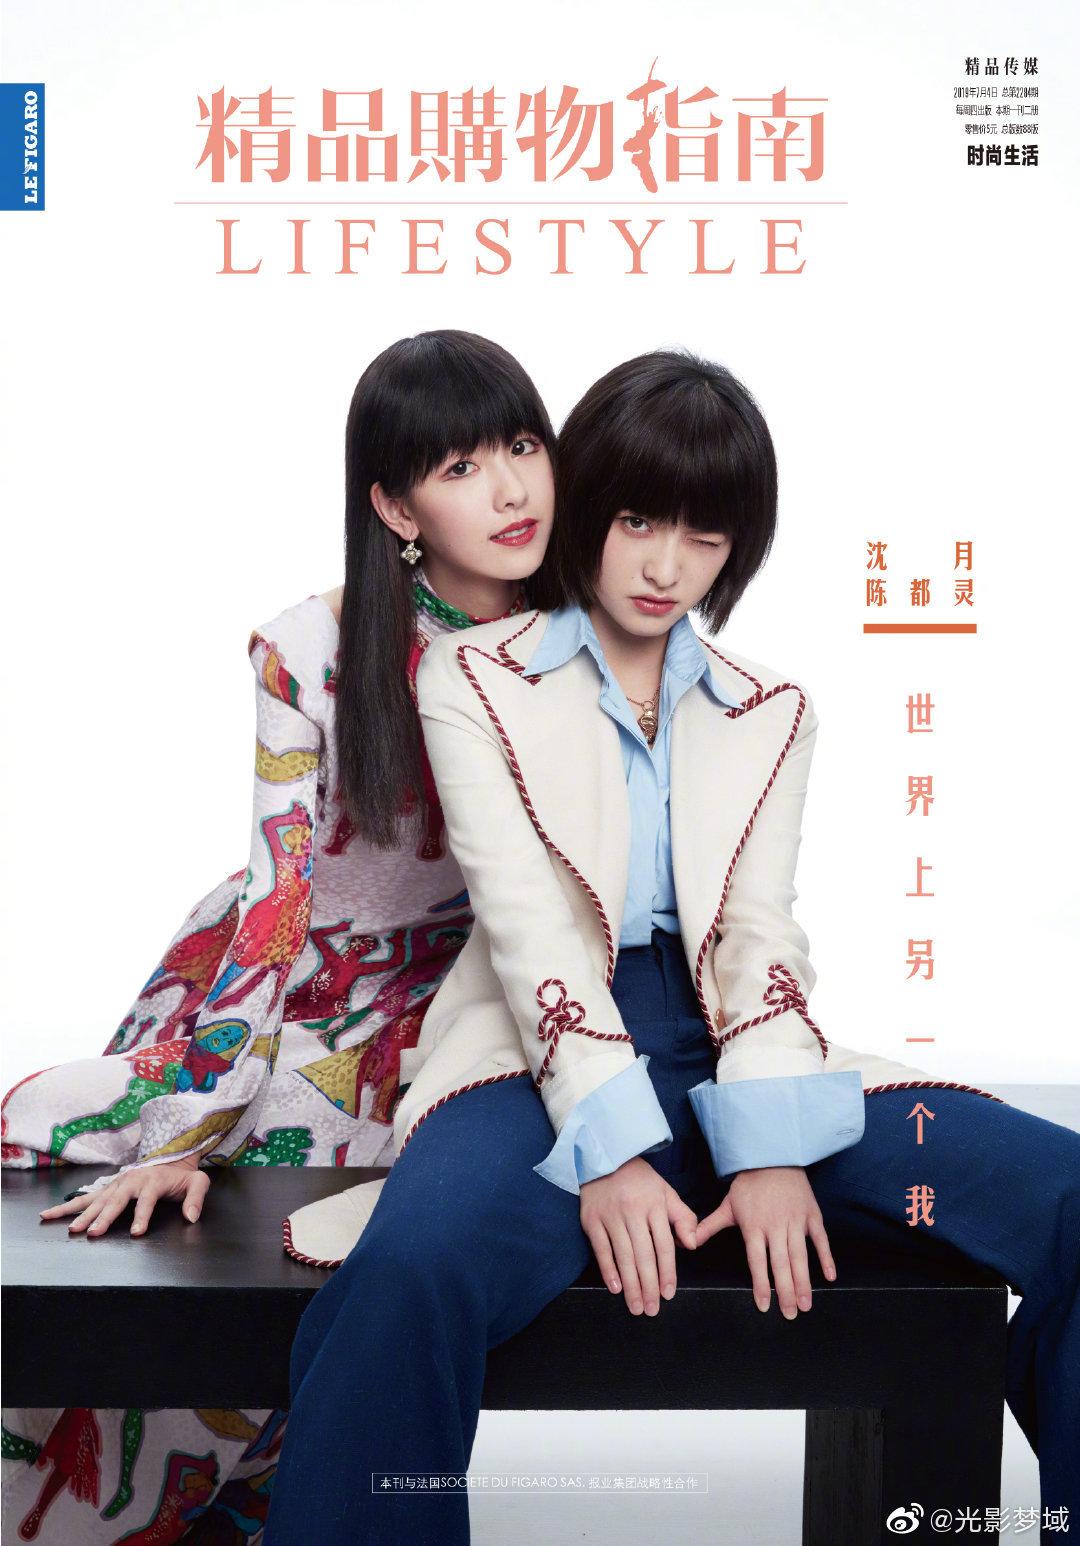 《精品购物指南》封面是这对双生姐妹首次杂志同框 好时尚